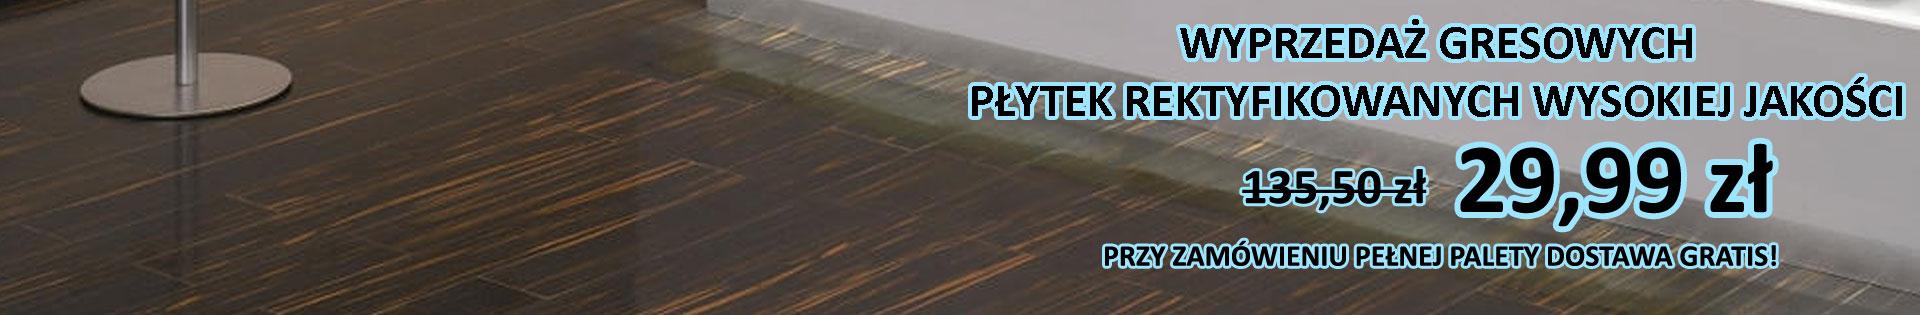 Płytki Łazienkowe, Płytki Ceramiczne - sklep plytki24.net